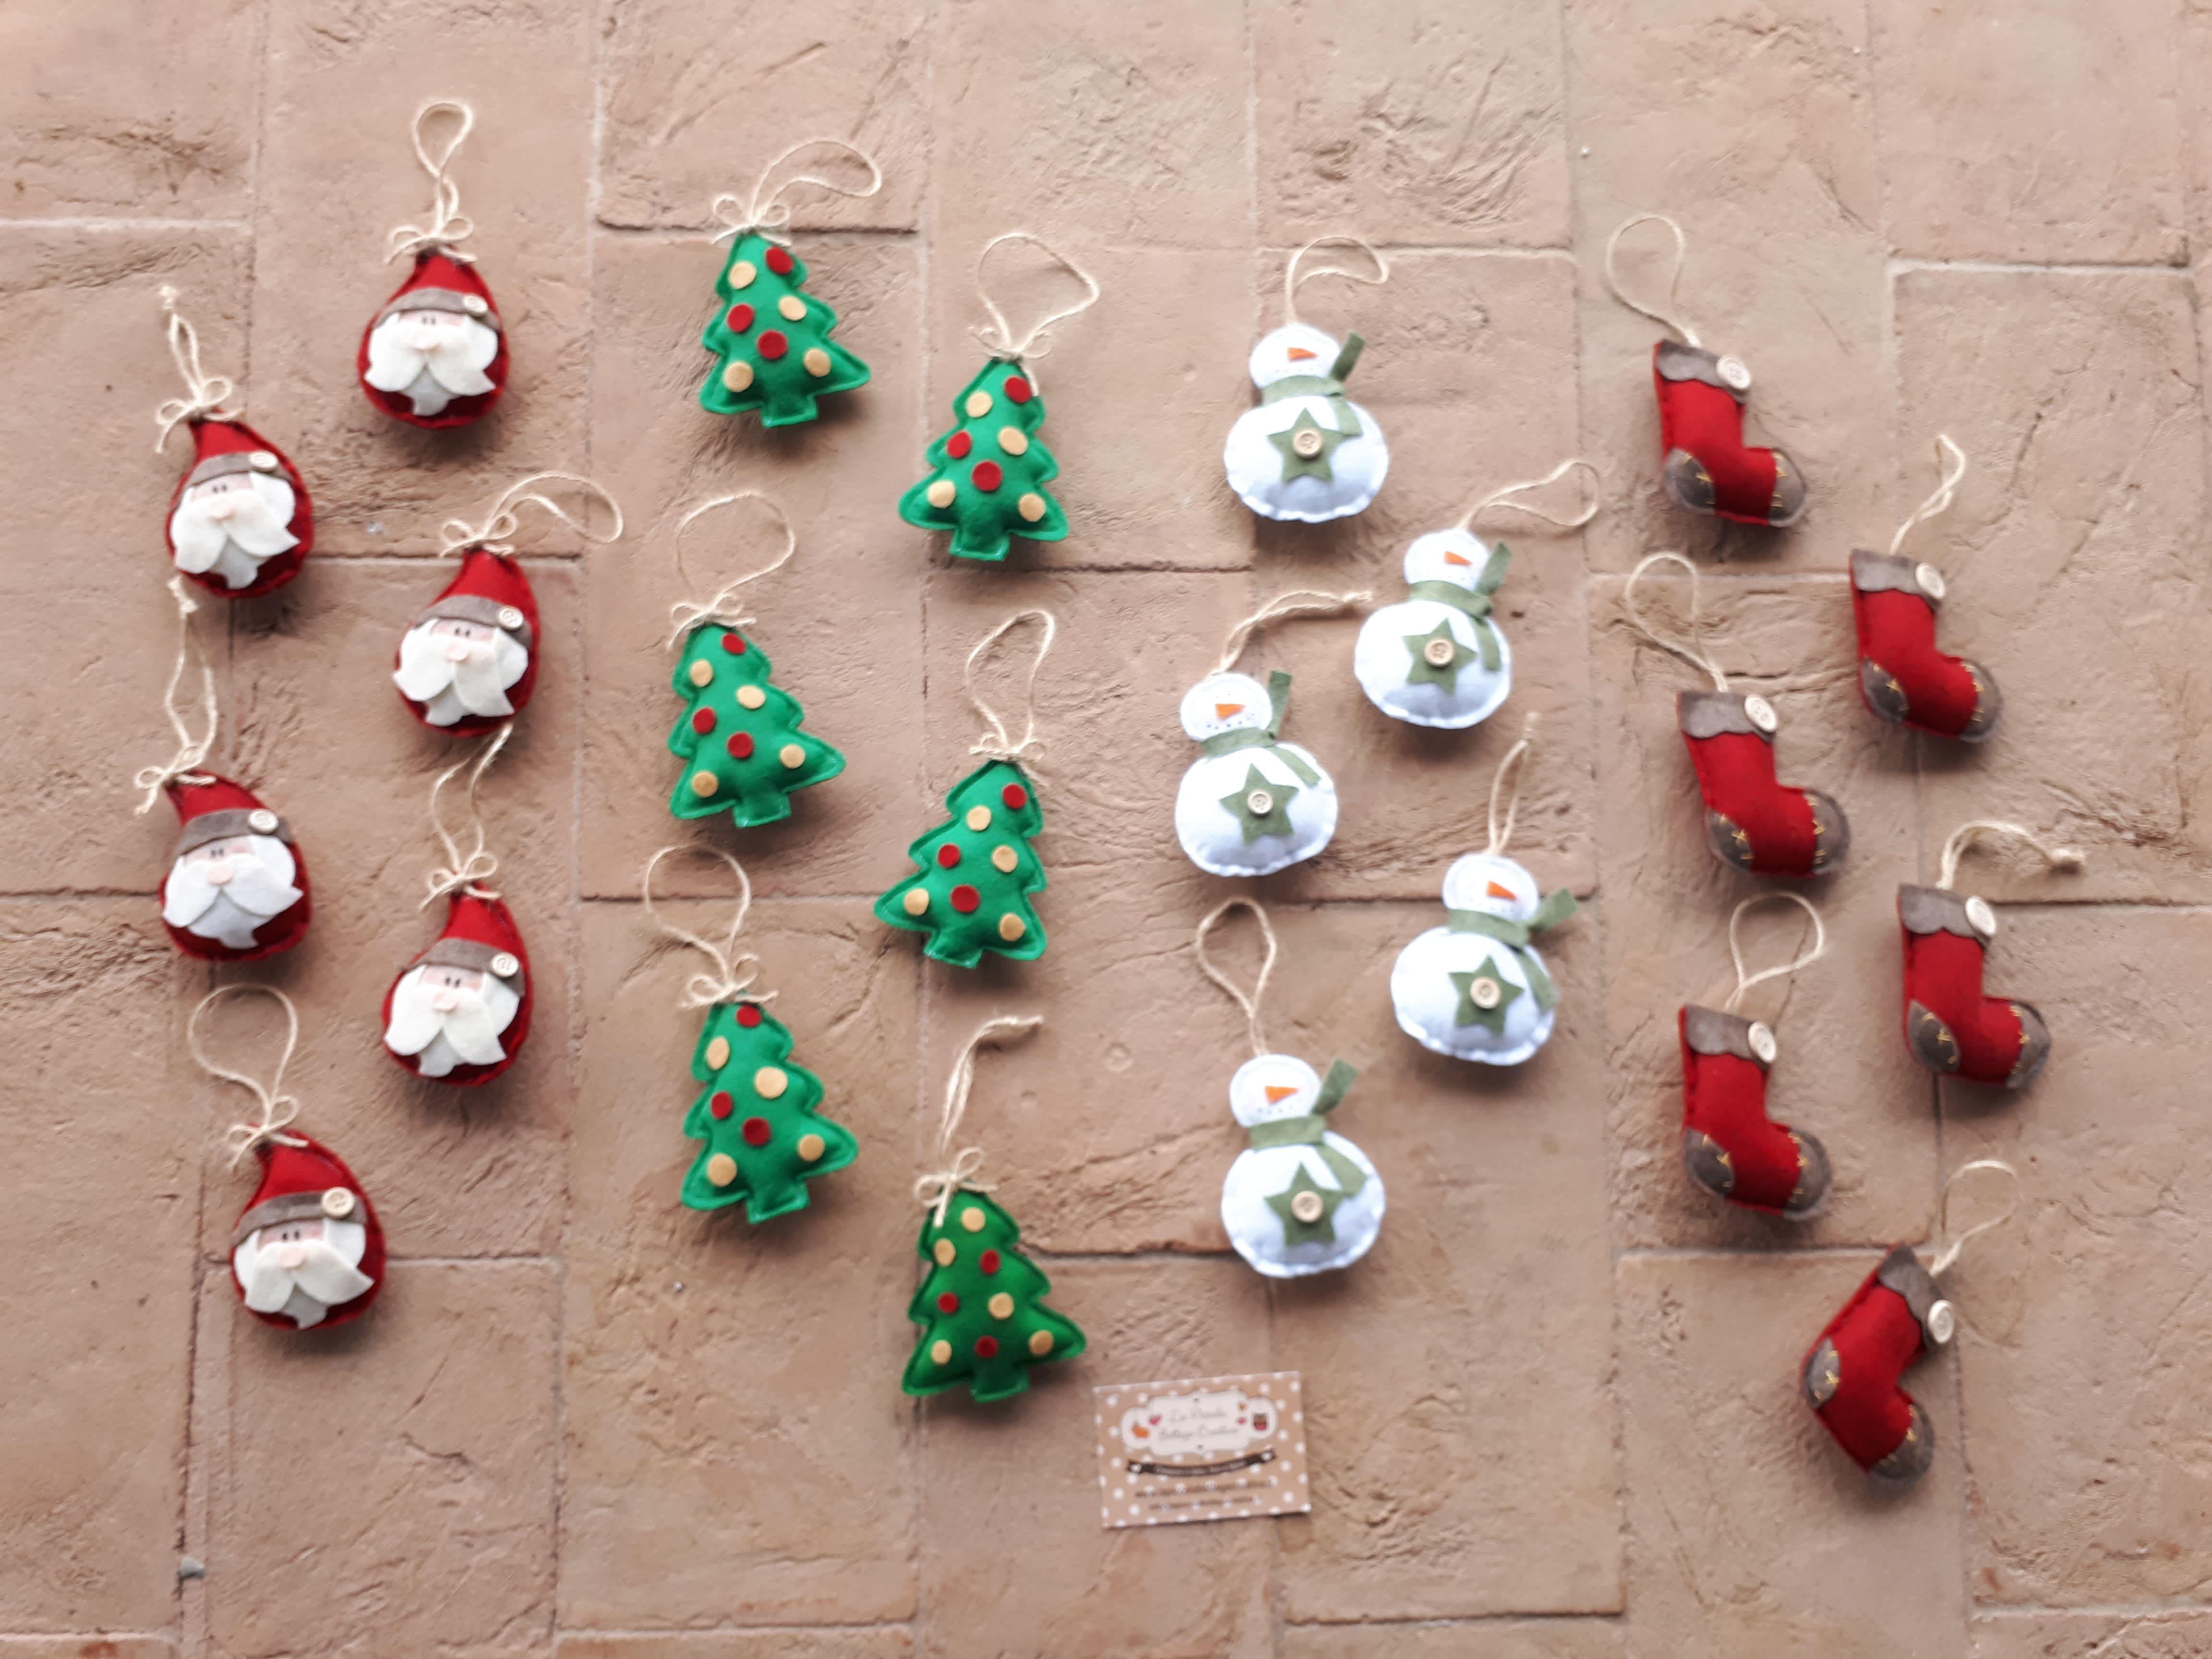 bomboniere decorazioni natalizie